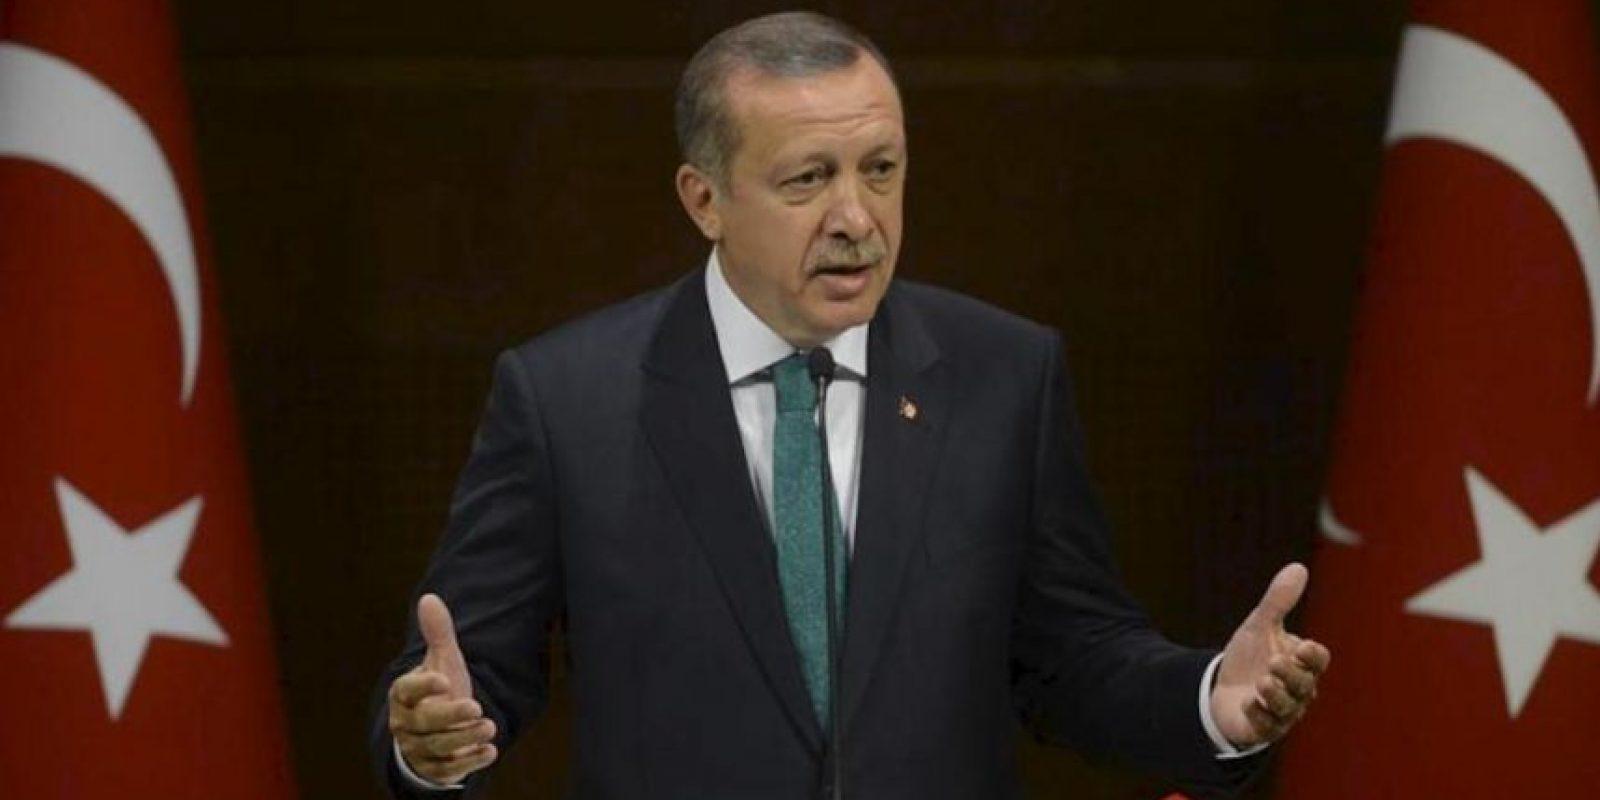 Fotografía facilitada por el gobierno turco que muestra al primer ministro turco, Recep Tayipp Erdogan, durante una rueda de prensa en Ankara (Turquía), en la que ha anunciado reformas importantes. EFE